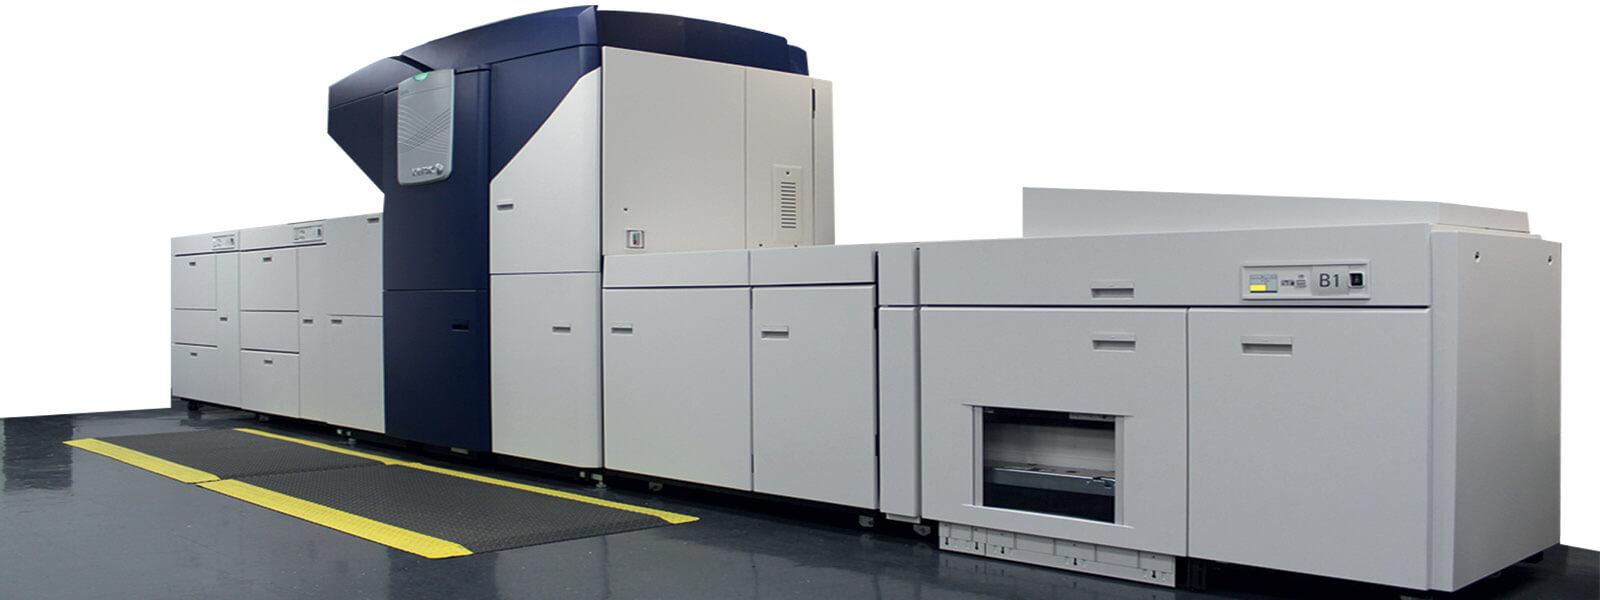 ที่มา : http://www.maplepress.com/digital-printing-print-on-demand-short-run.html ตัวอย่างเครื่องพิมพ์ Digital printing